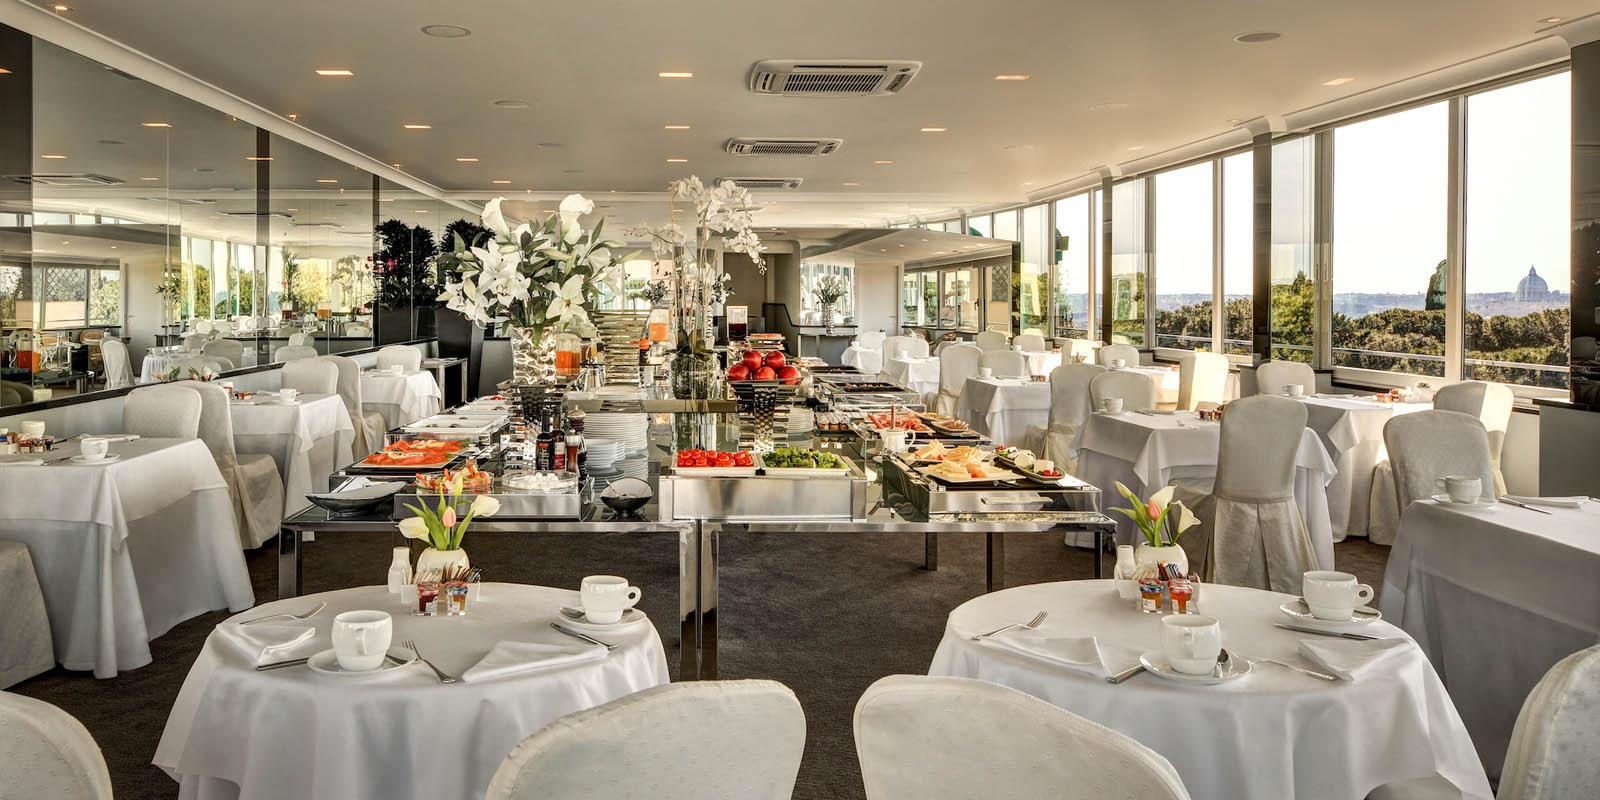 Breakfast In A Luxury Hotel In Rome Splendid Royal Hotel